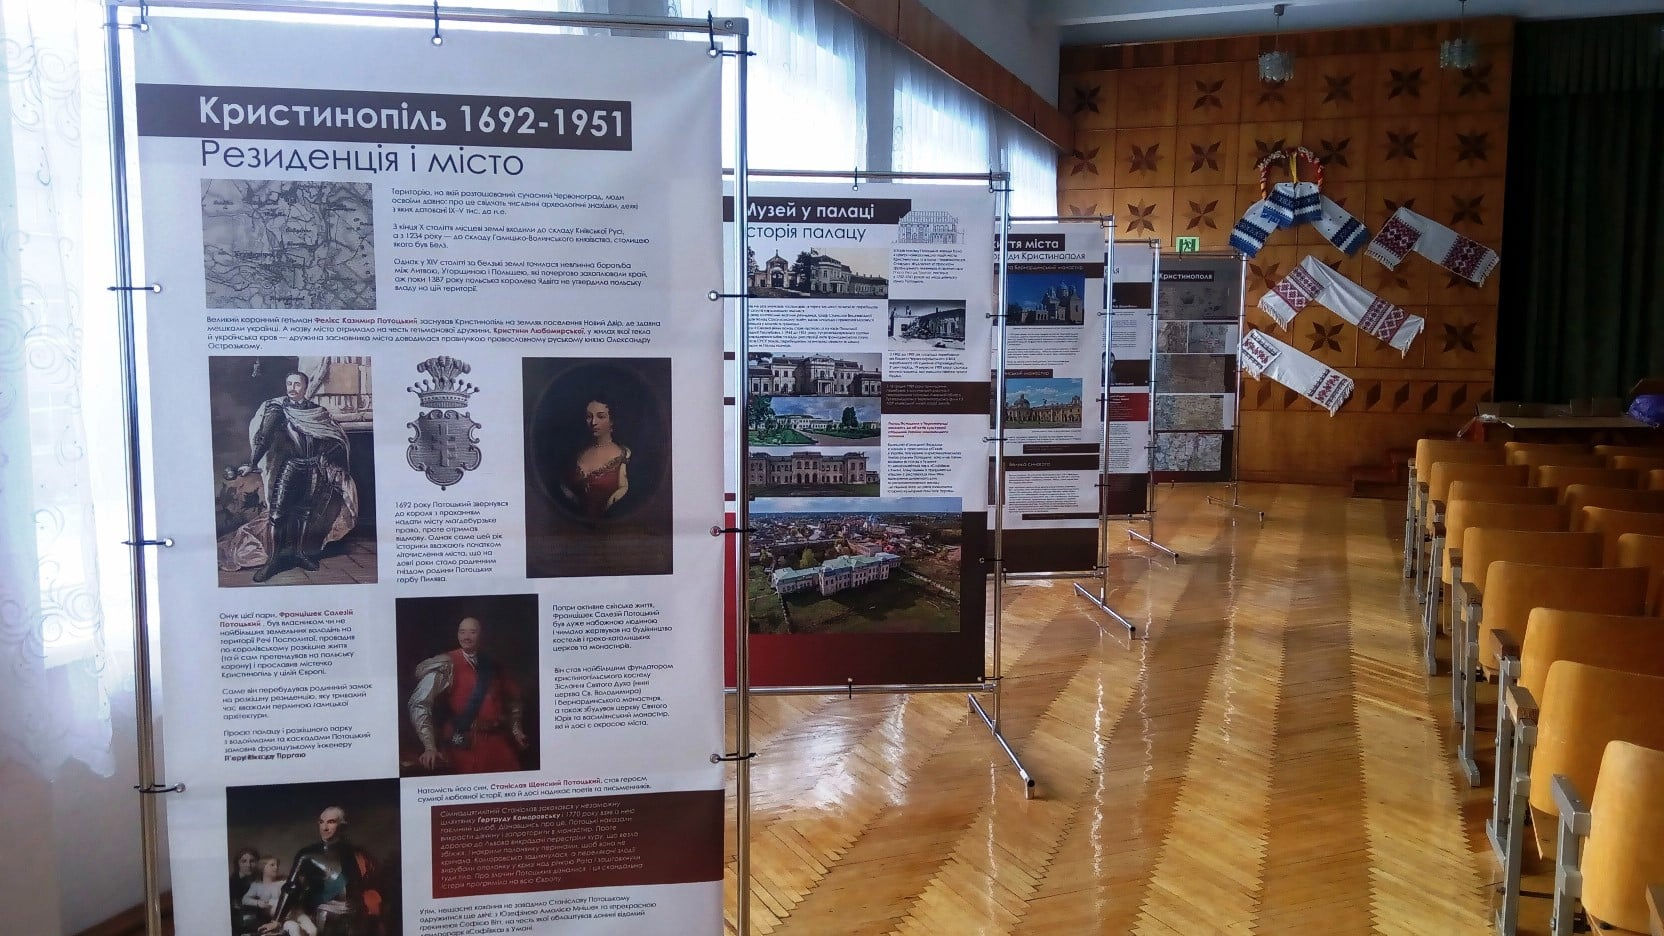 """Мобільна інформаційна виставка про історію Червонограда-Кристинополя """"подорожуватиме"""" освітніми закладами міста"""